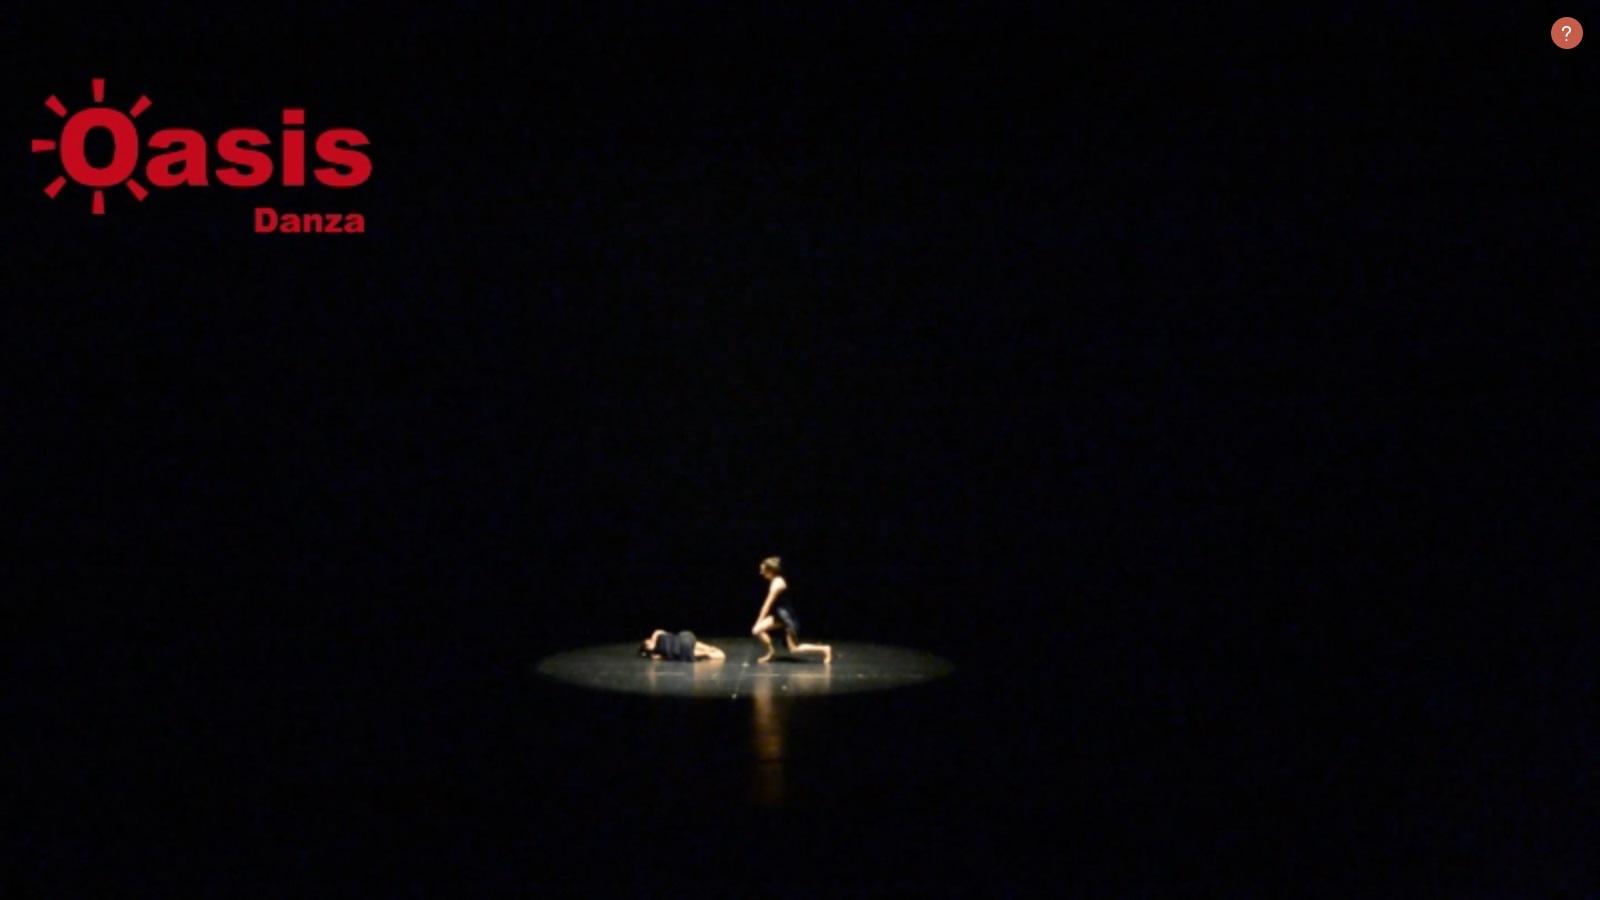 portada del video danza contemporánea